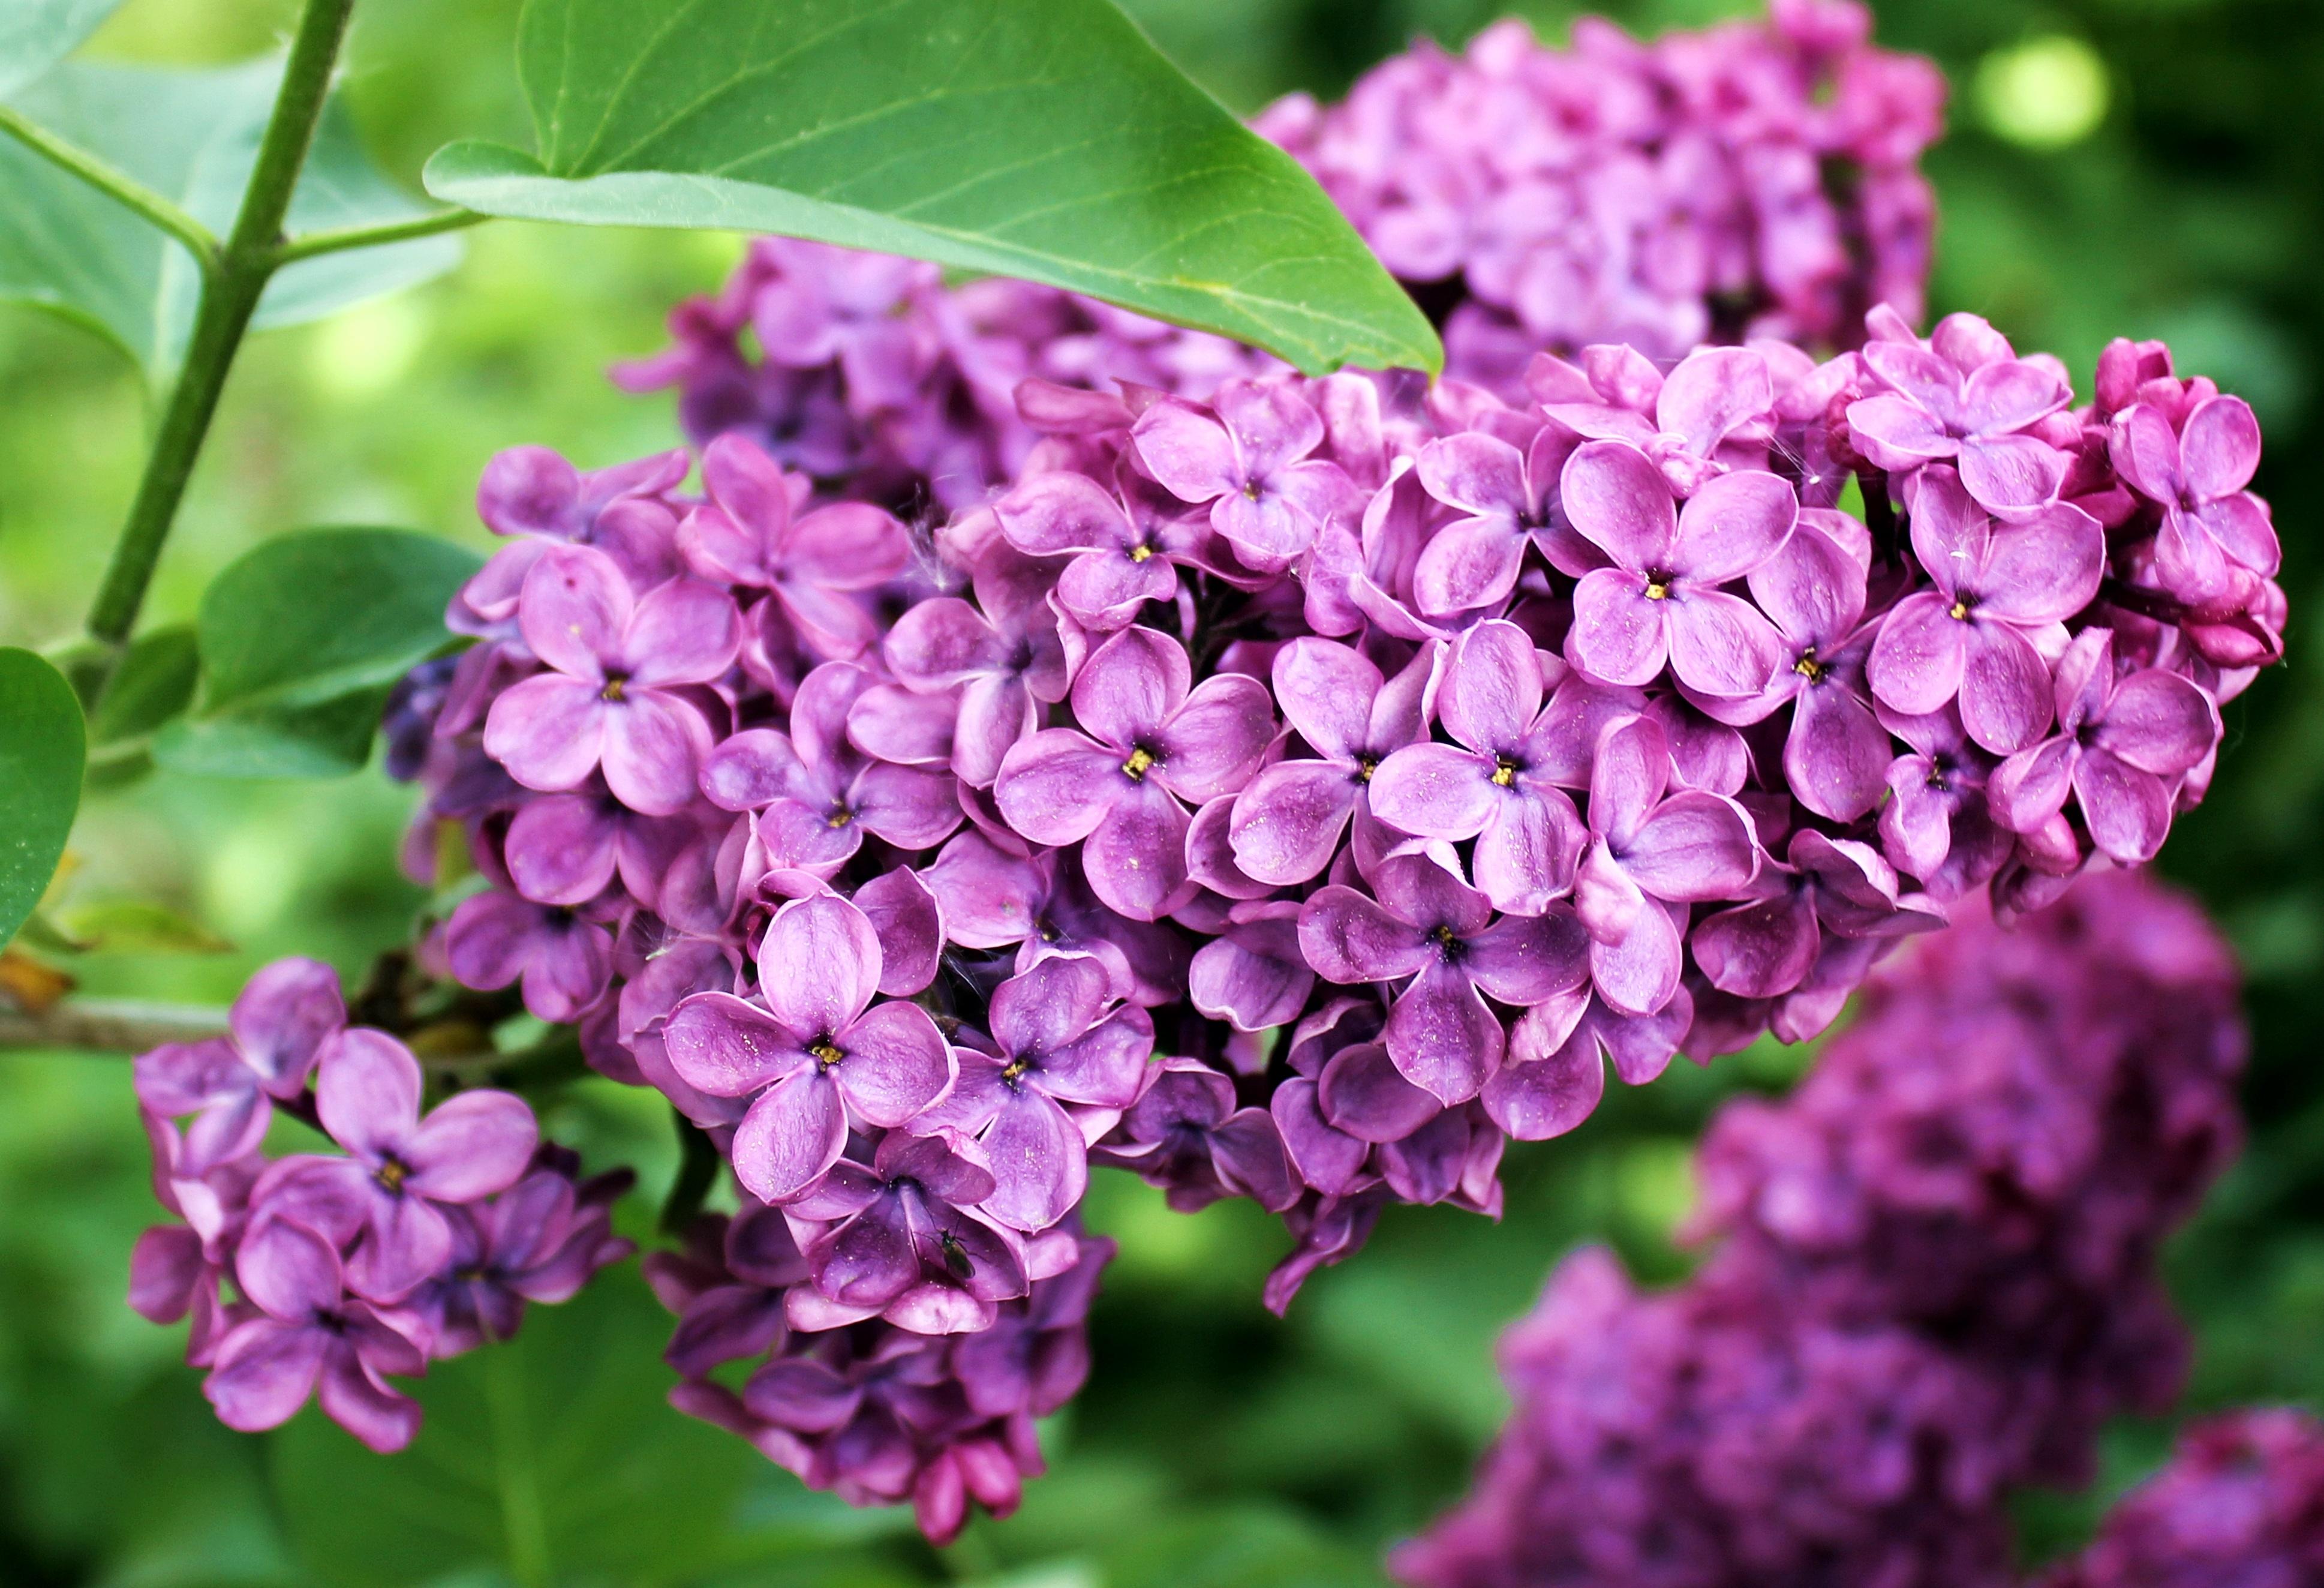 Albero Di Lillà immagini belle : natura, fiorire, fiore, viola, petalo